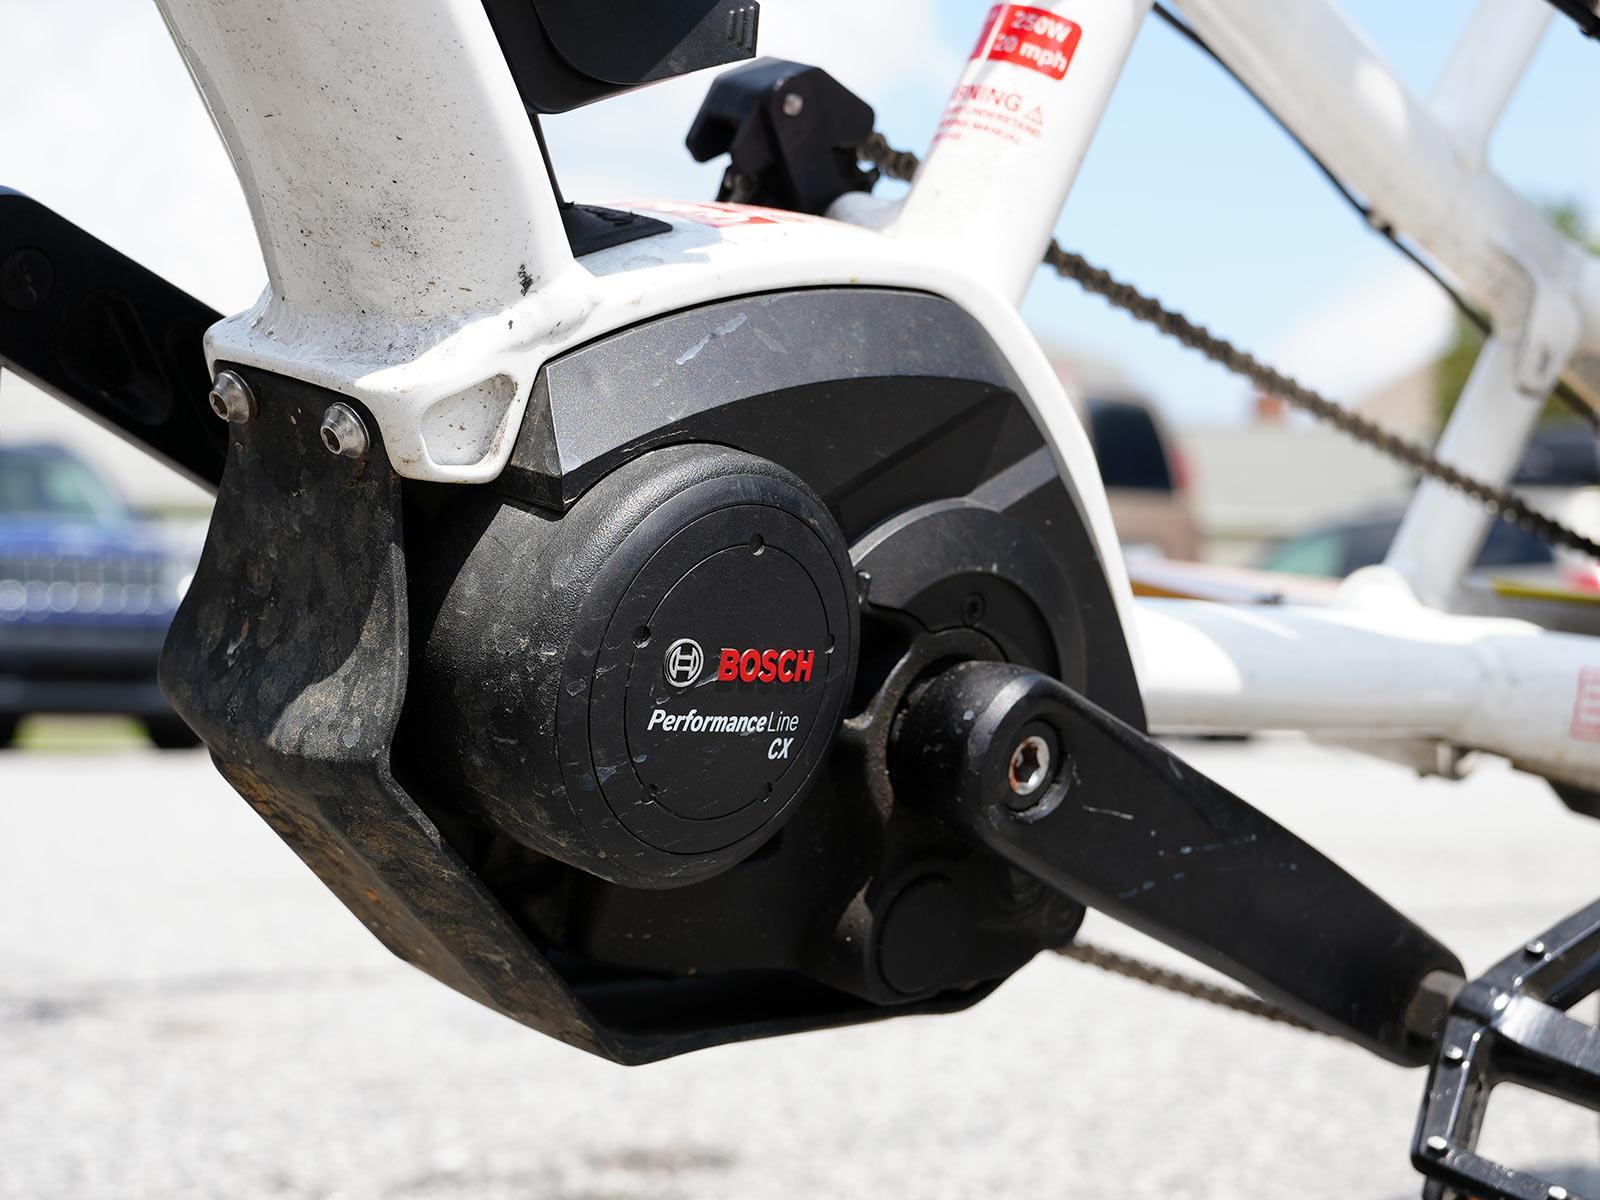 bosch e-bike motor on a cargo bike